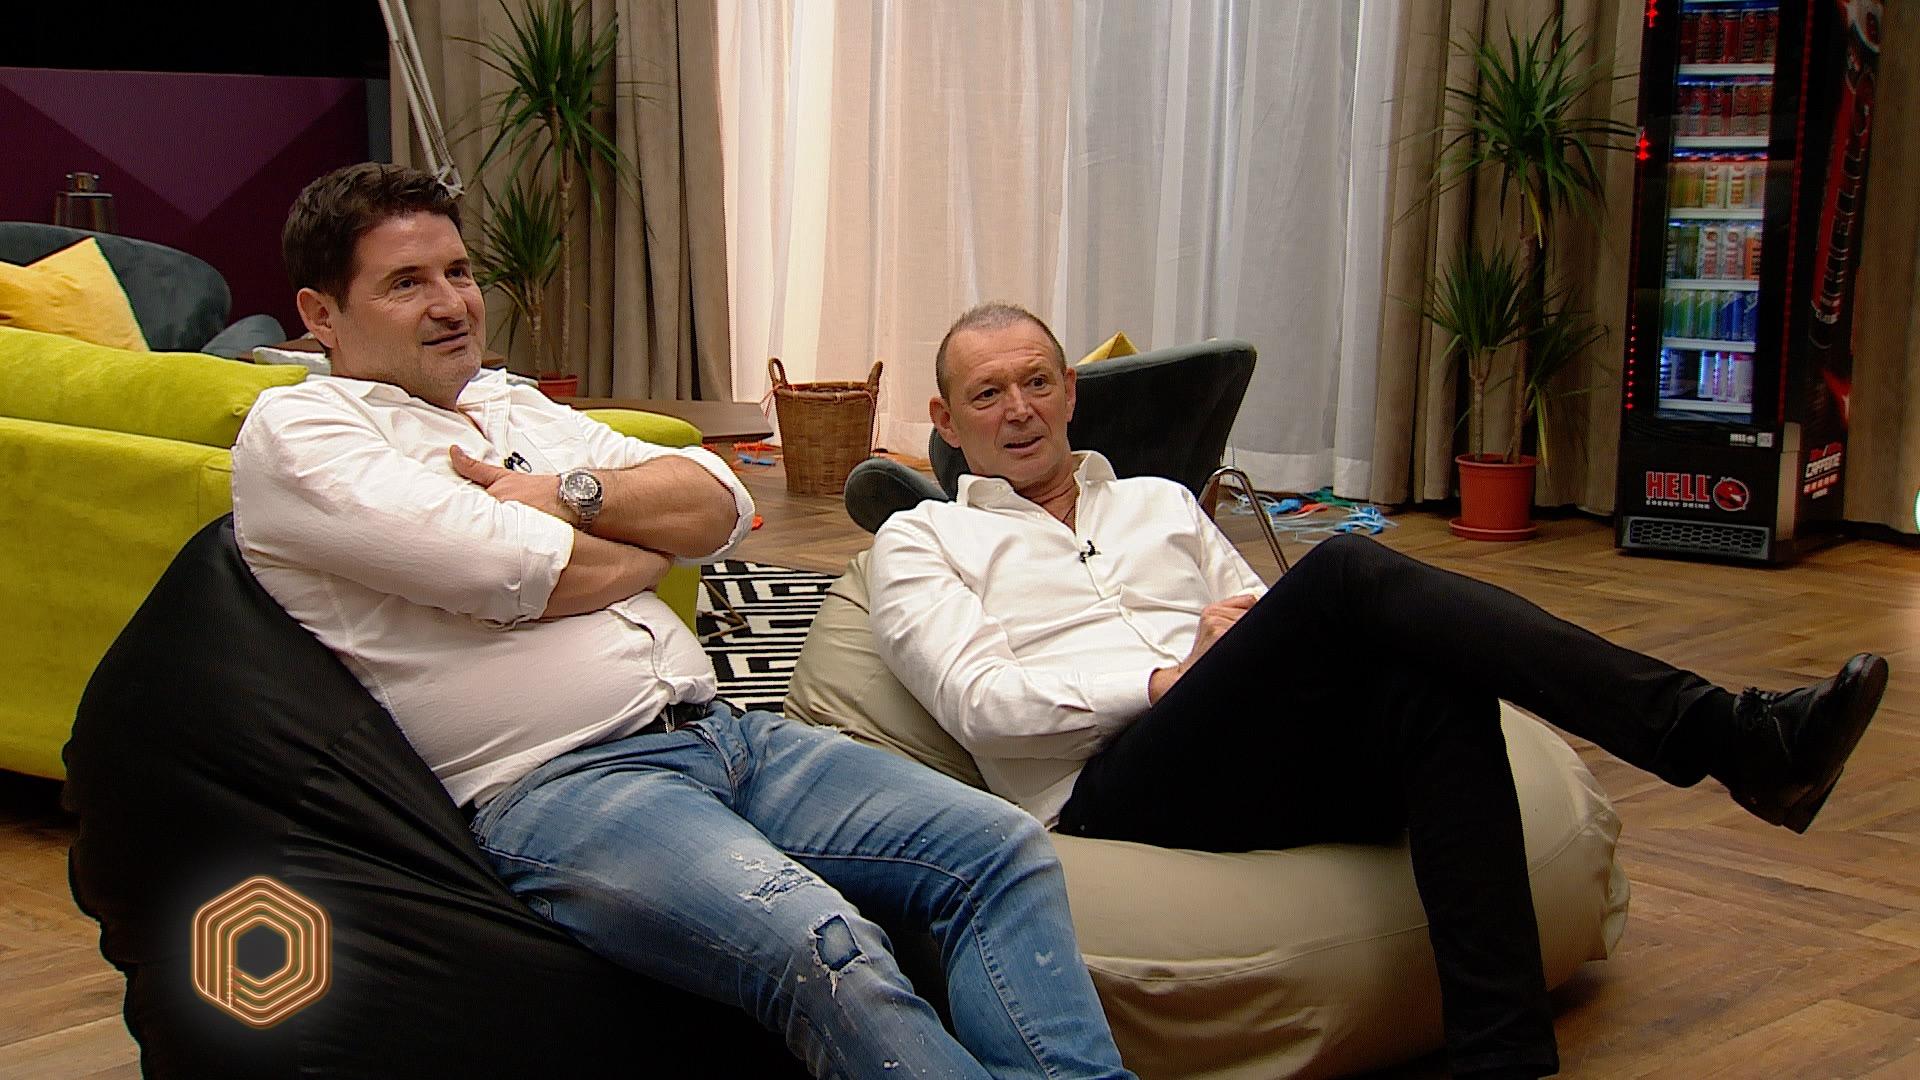 Győrfi Pál és Hajdú Péter